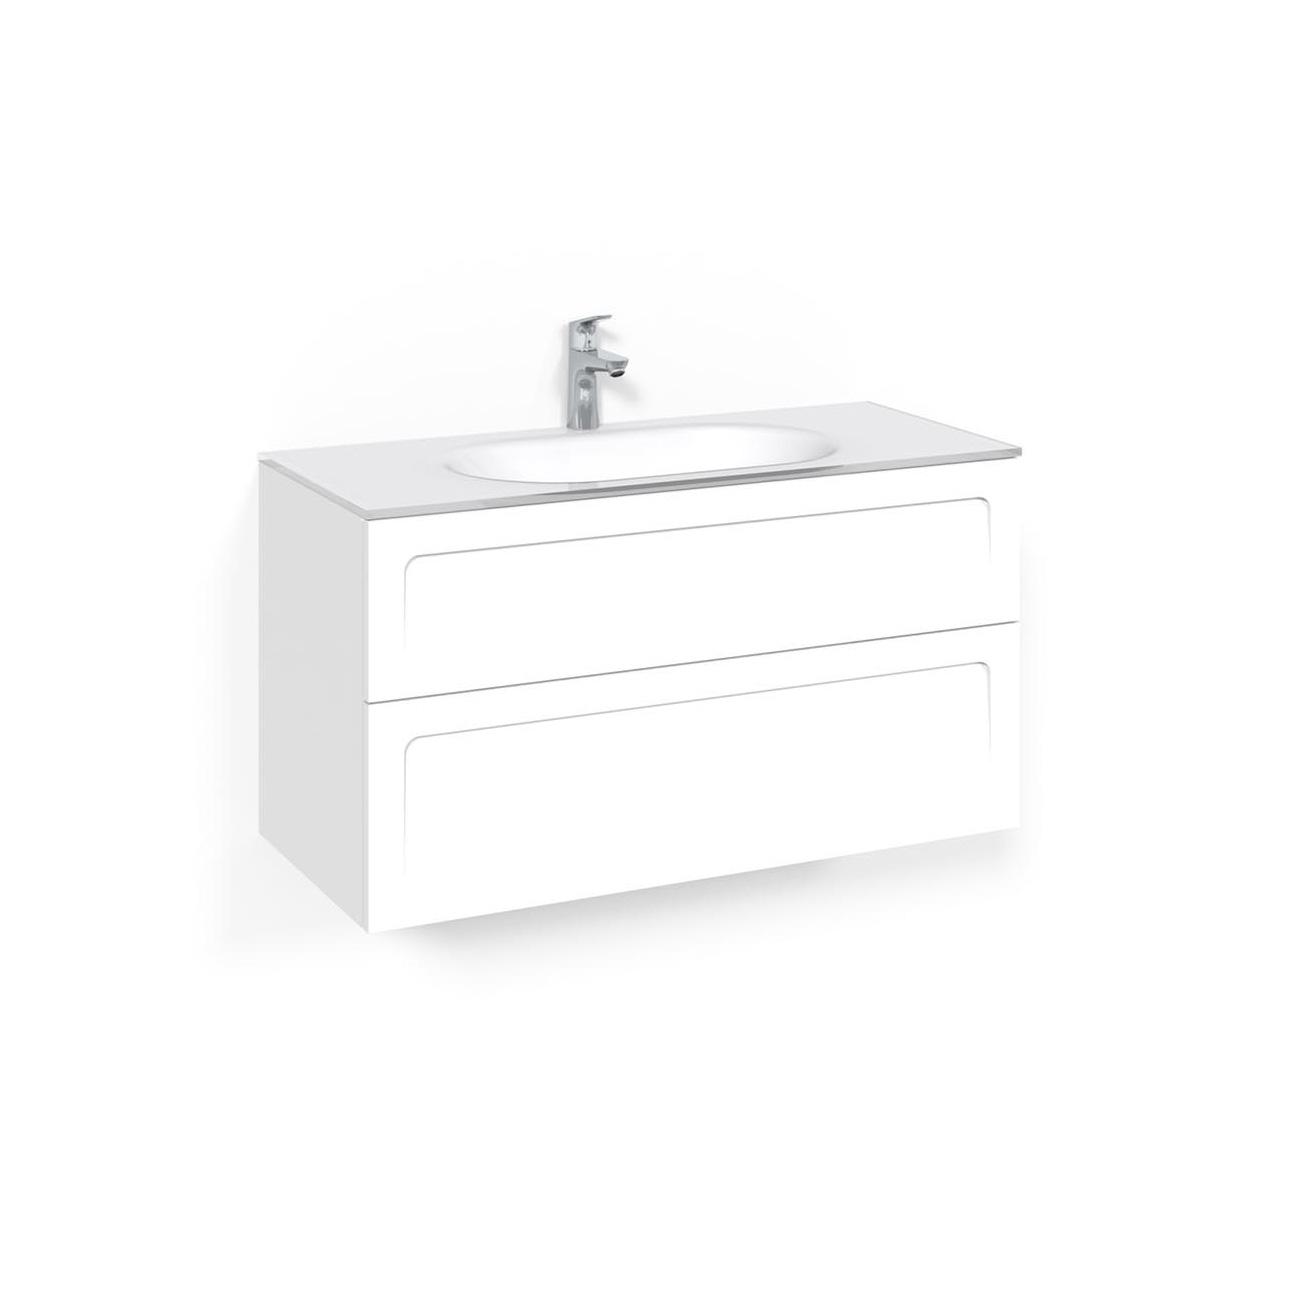 Tvättställsskåp Macro Design Crown Ramlucka Edge 14